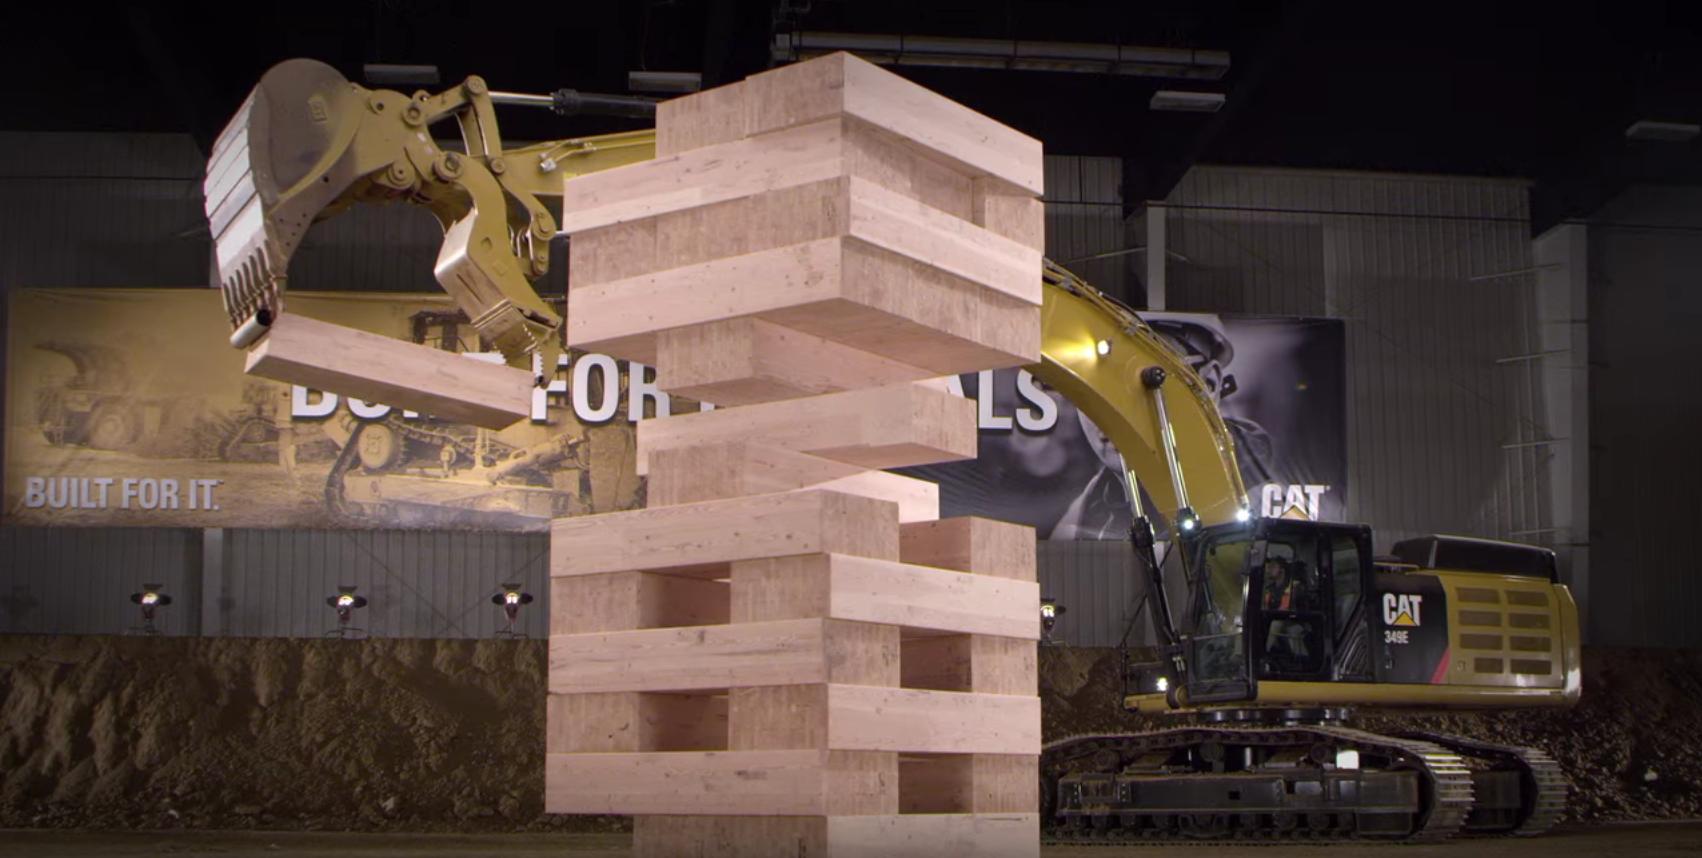 Maquinaria industrial de Caterpillar jugando a Jenga 03